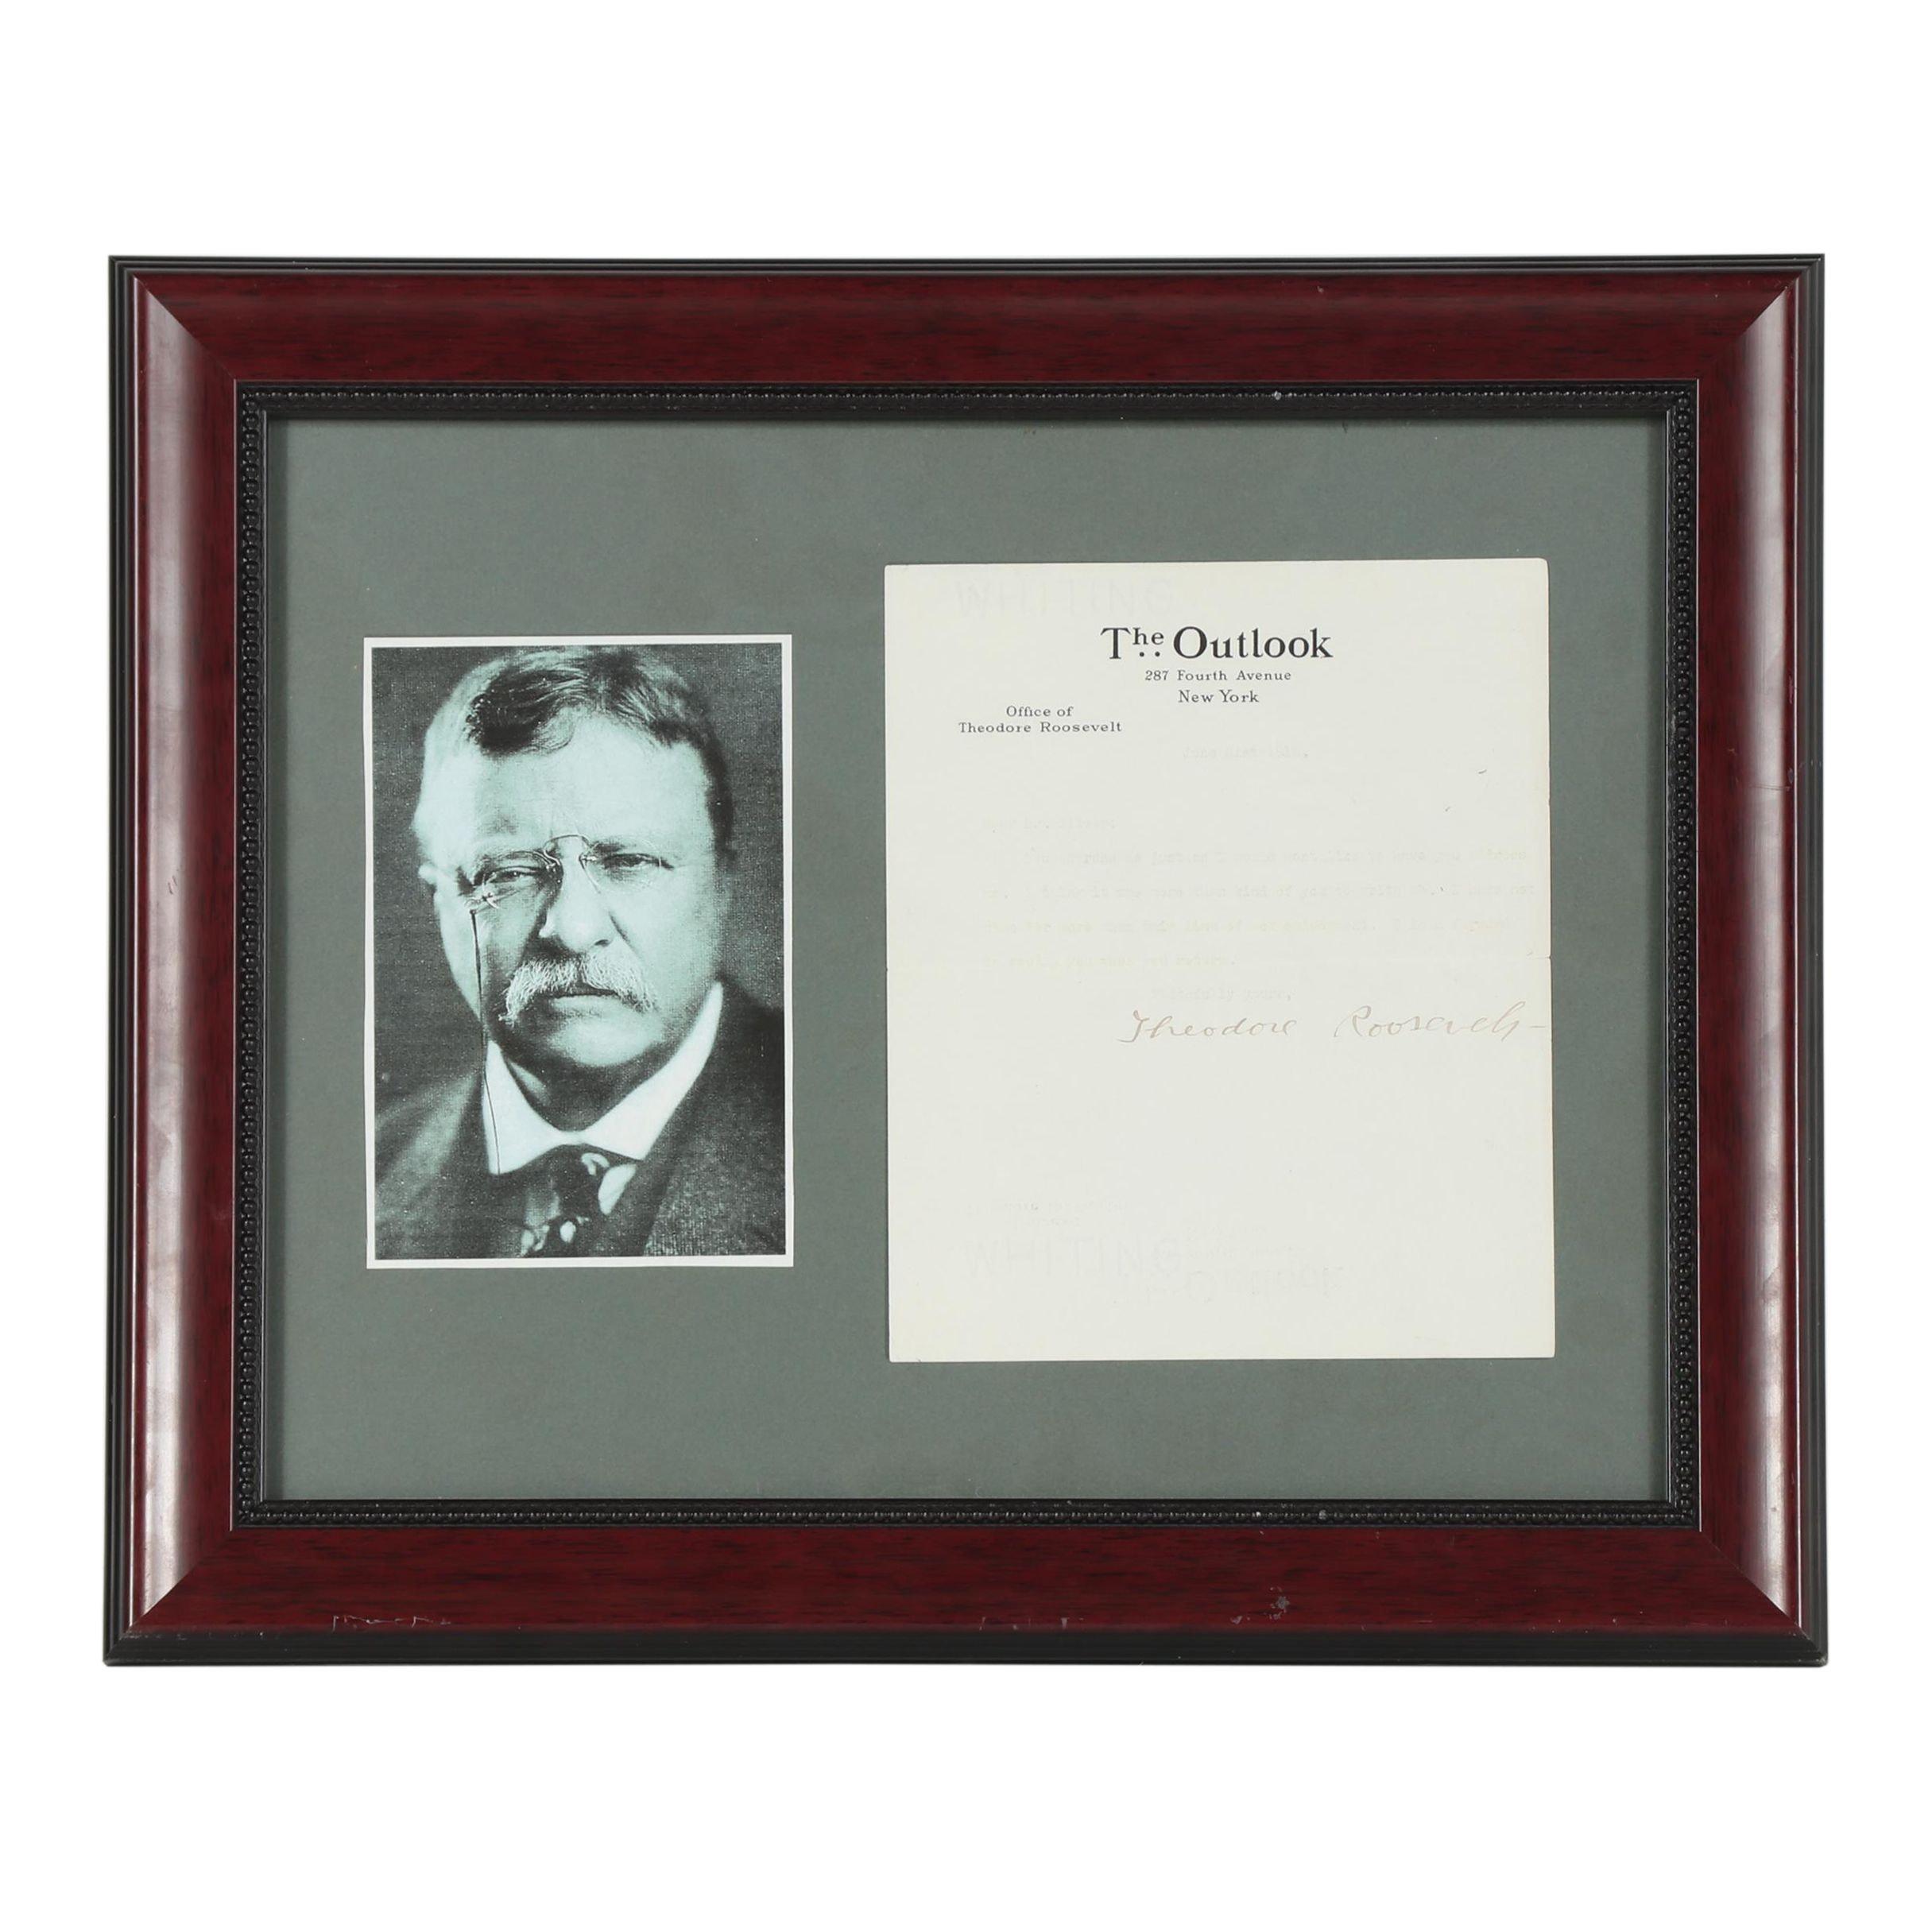 Teddy Roosevelt Typed Letter Signed June 21, 1910